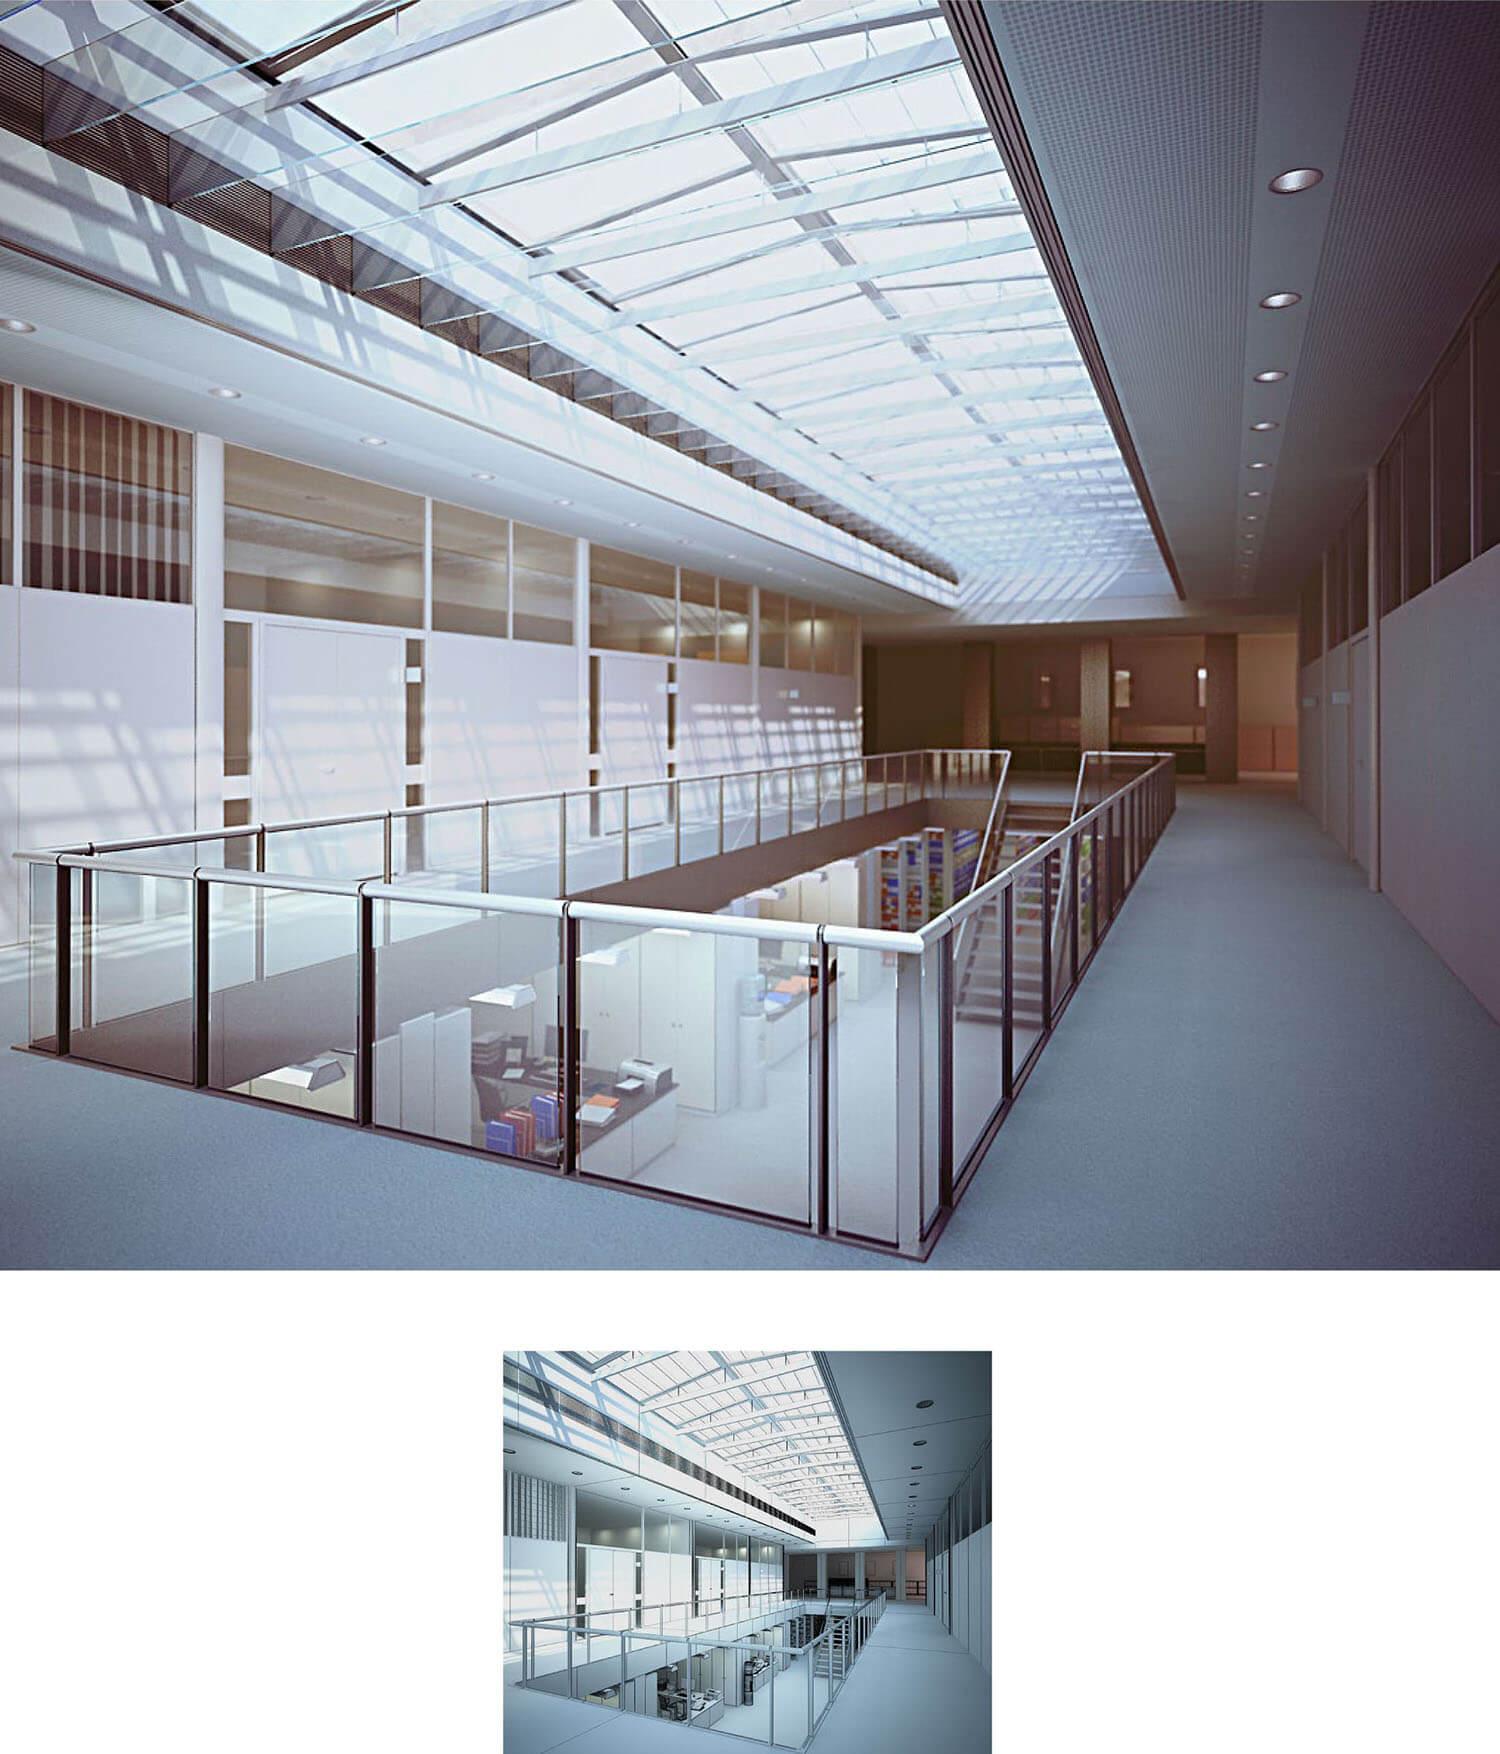 Không gian cầu thang và hành lang trung tâm thương mại với tay vịn trần kính đem lại hiệu ứng ánh sáng tốt